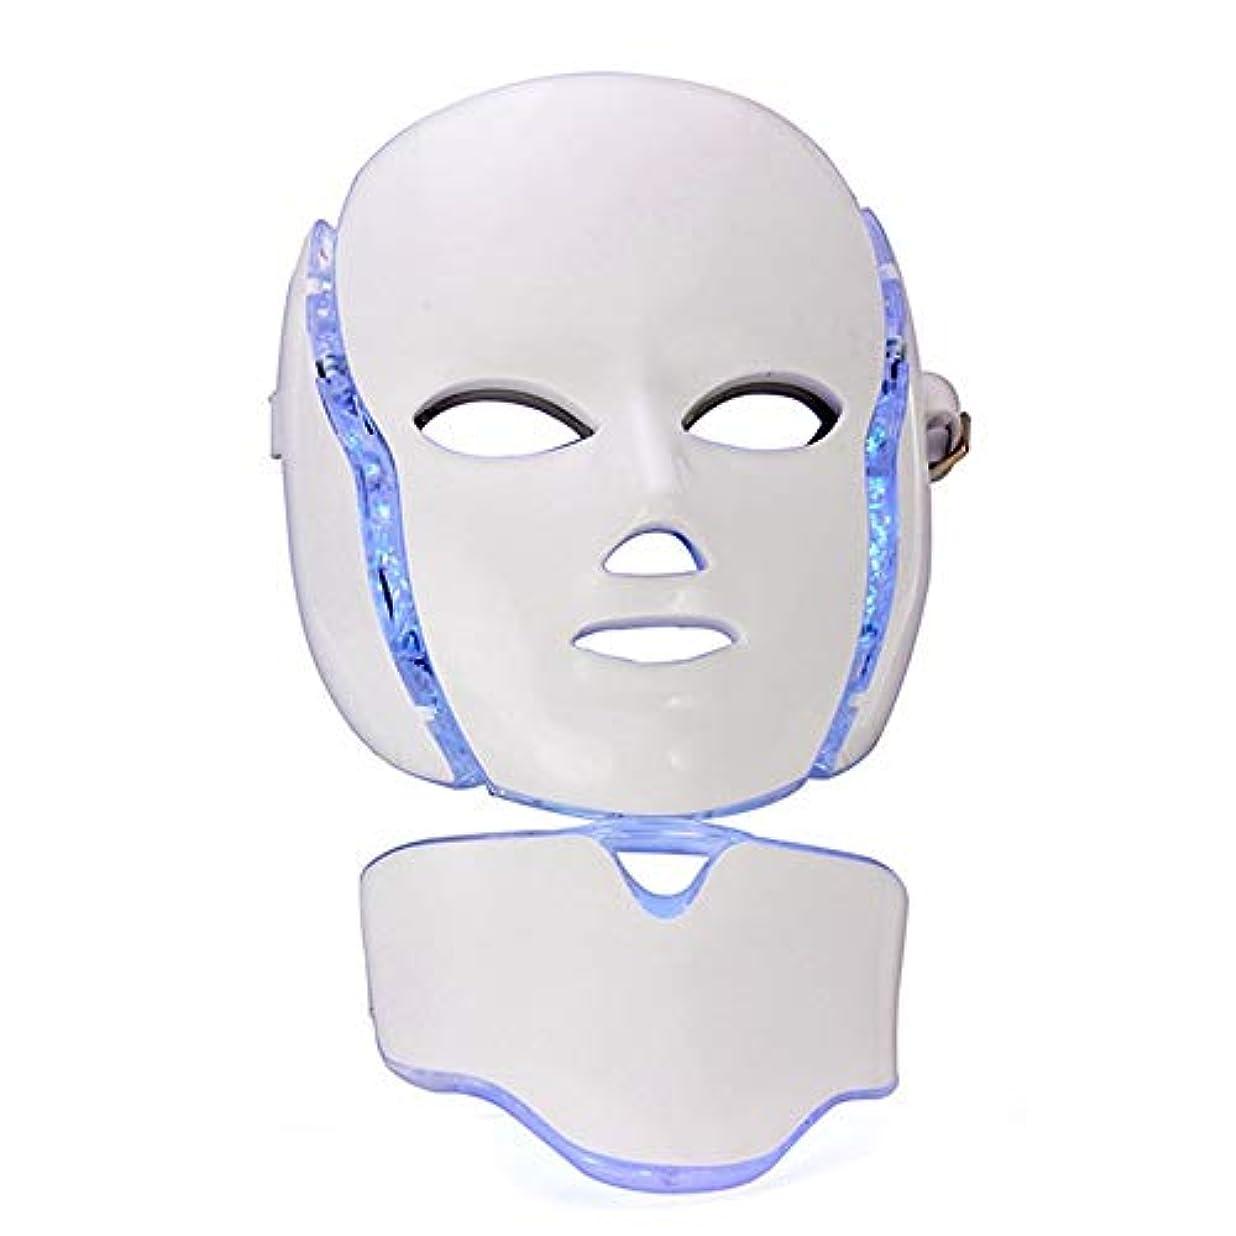 不快な小説加入ライトセラピーマスクは、ライトセラピーは首にきび治療7色フォトンフェイスマスクマシンはホワイトニングと肌の若返りライトセラピーにきびマスクディープリペアアンチエイジングマスク (Color : White)